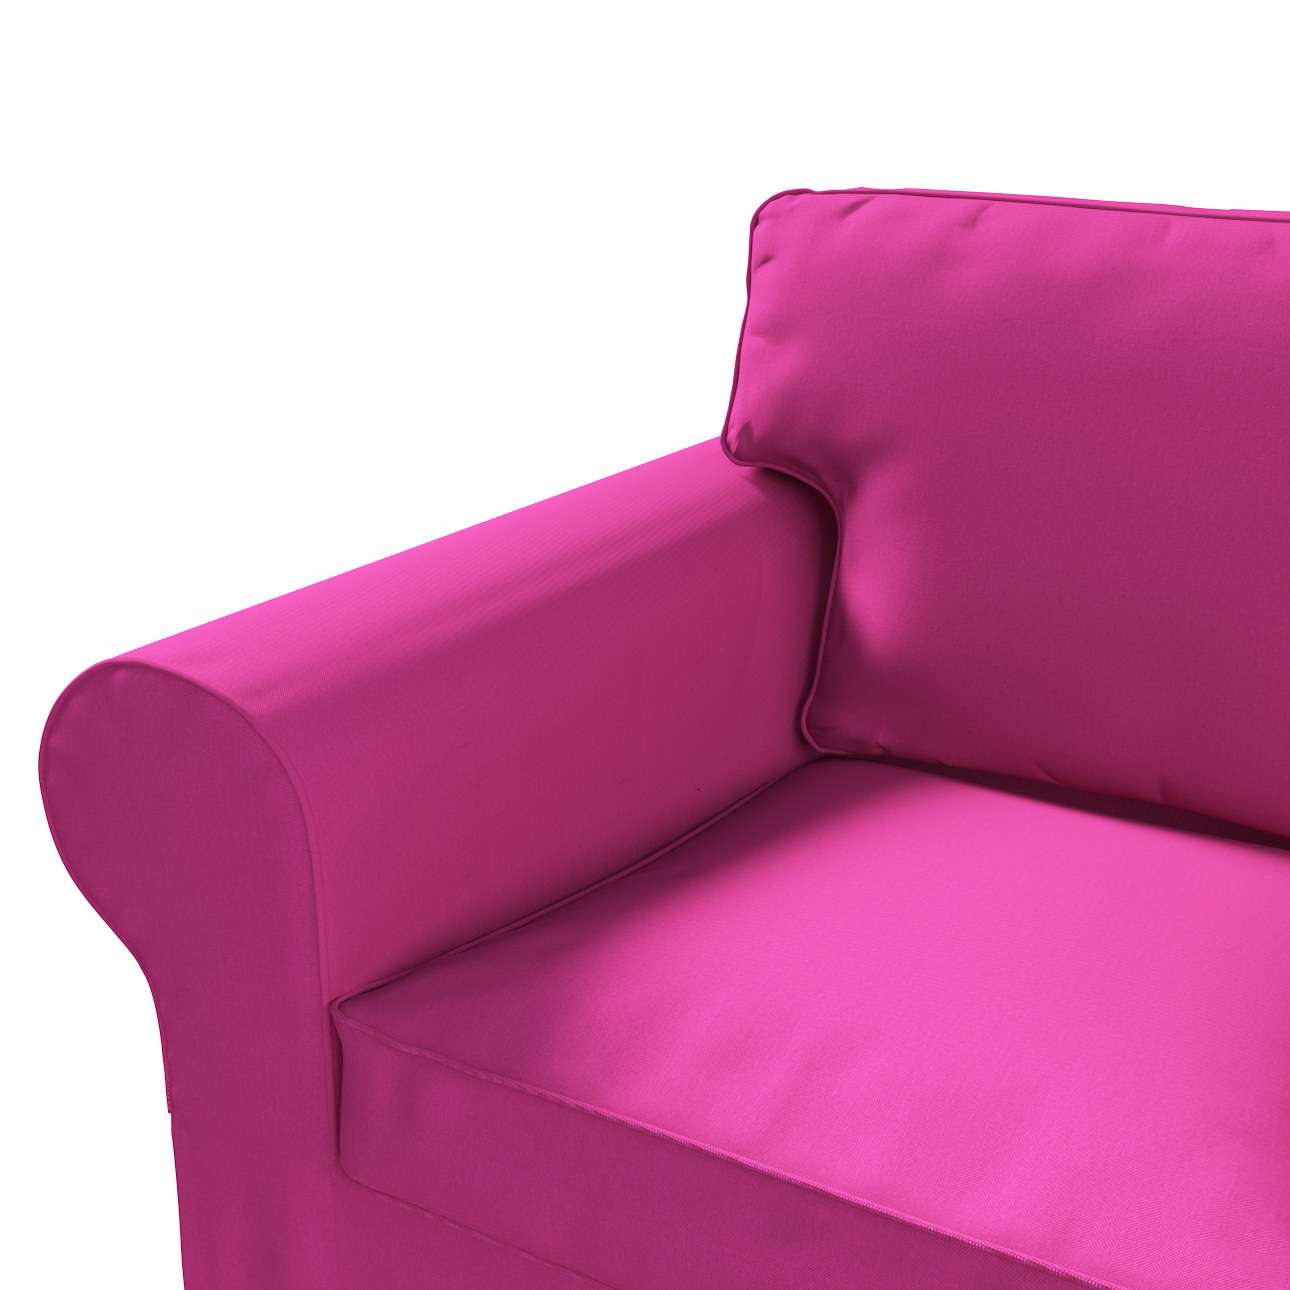 Poťah na sedačku Ektorp (rozkladacia, pre 2 osoby) STARÝ MODEL V kolekcii Etna, tkanina: 705-23